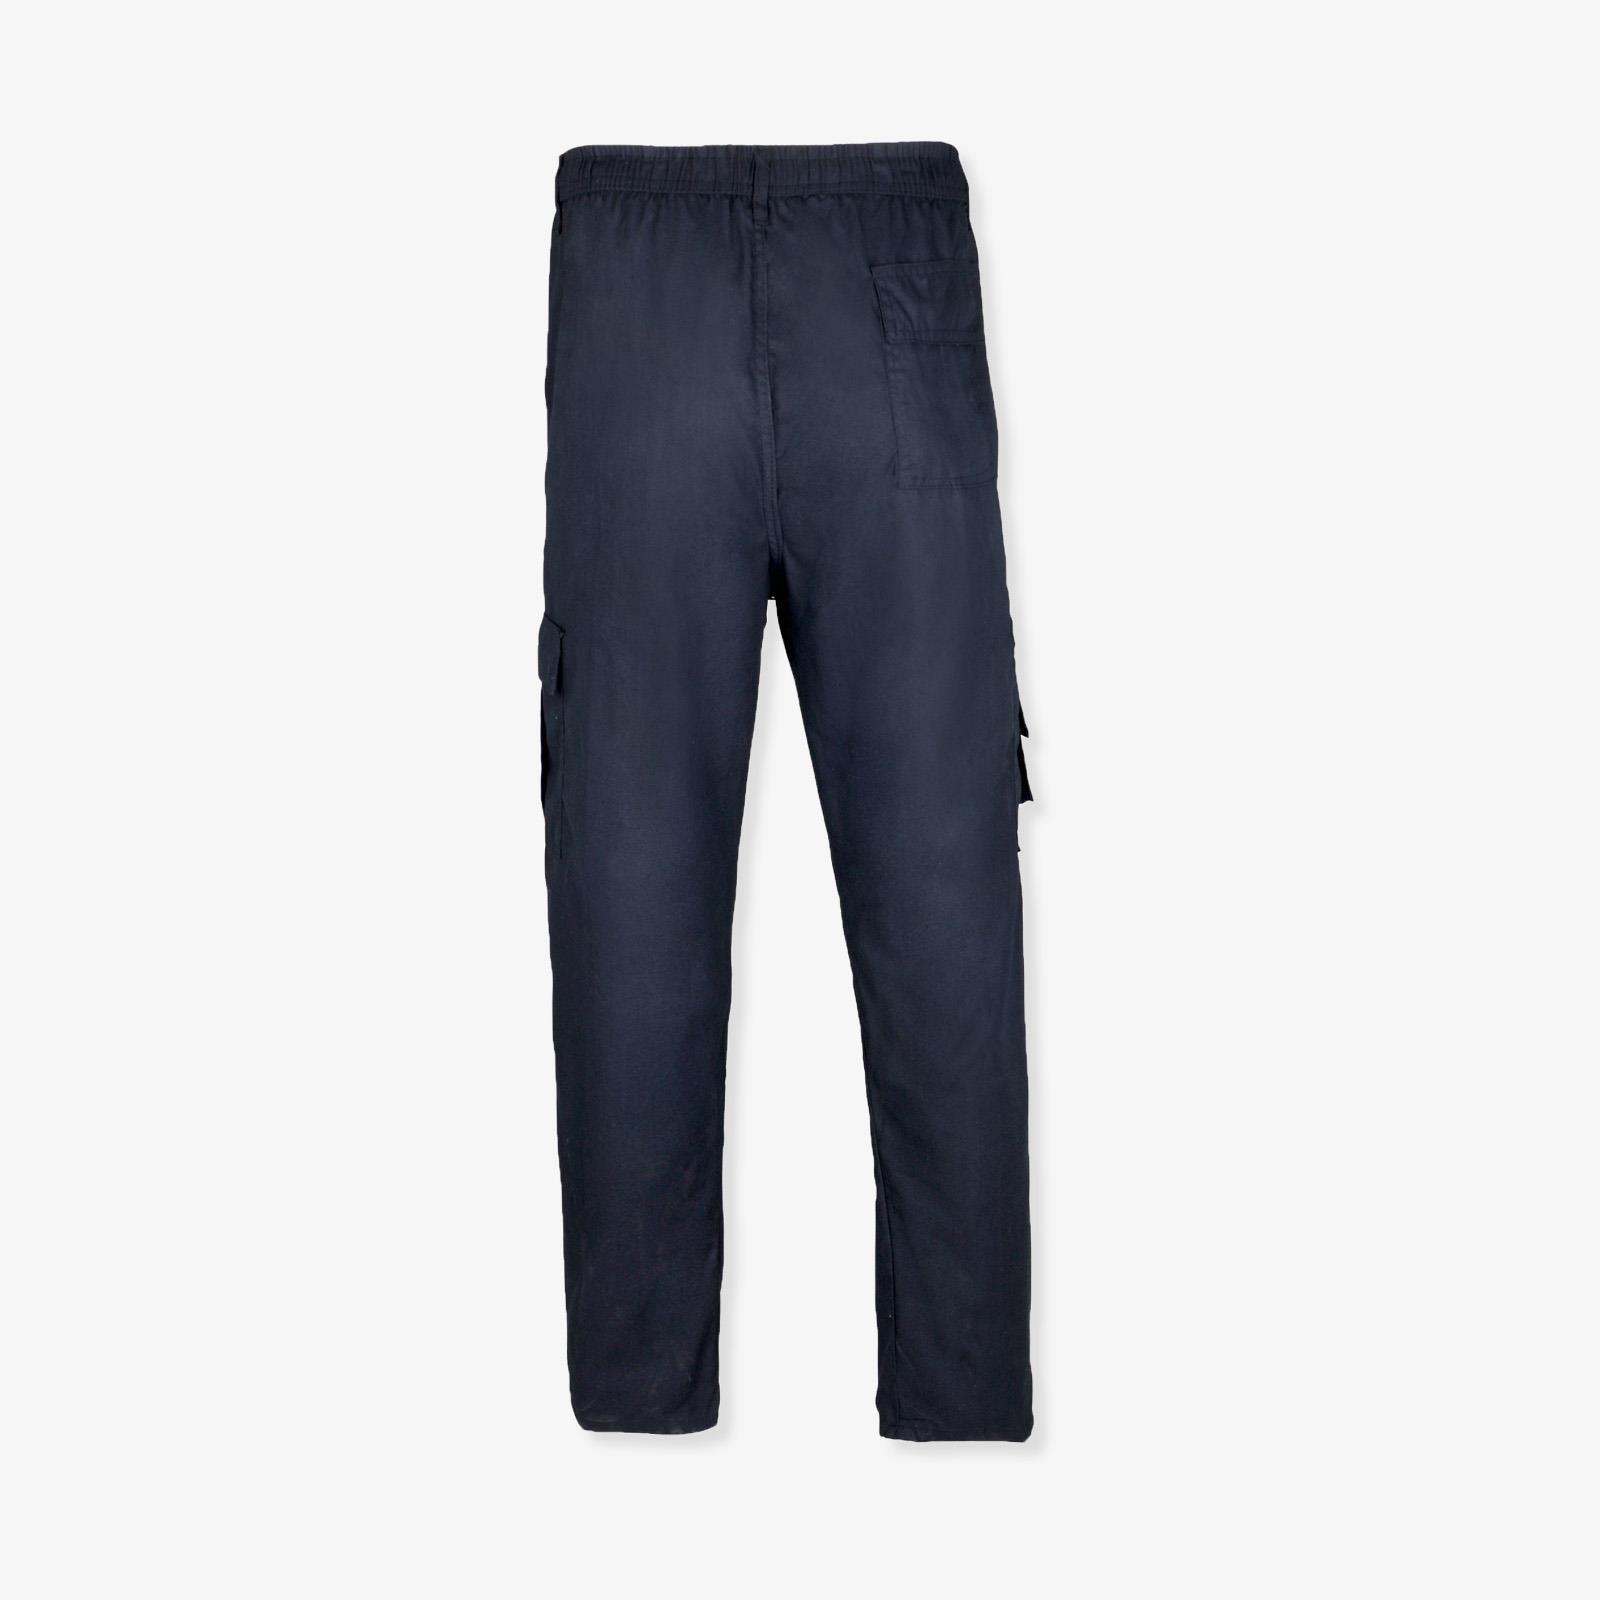 Pantalon-Homme-Cargo-Militaire-Ample-Poche-Grande-Taille-Elastique-Travail miniature 5